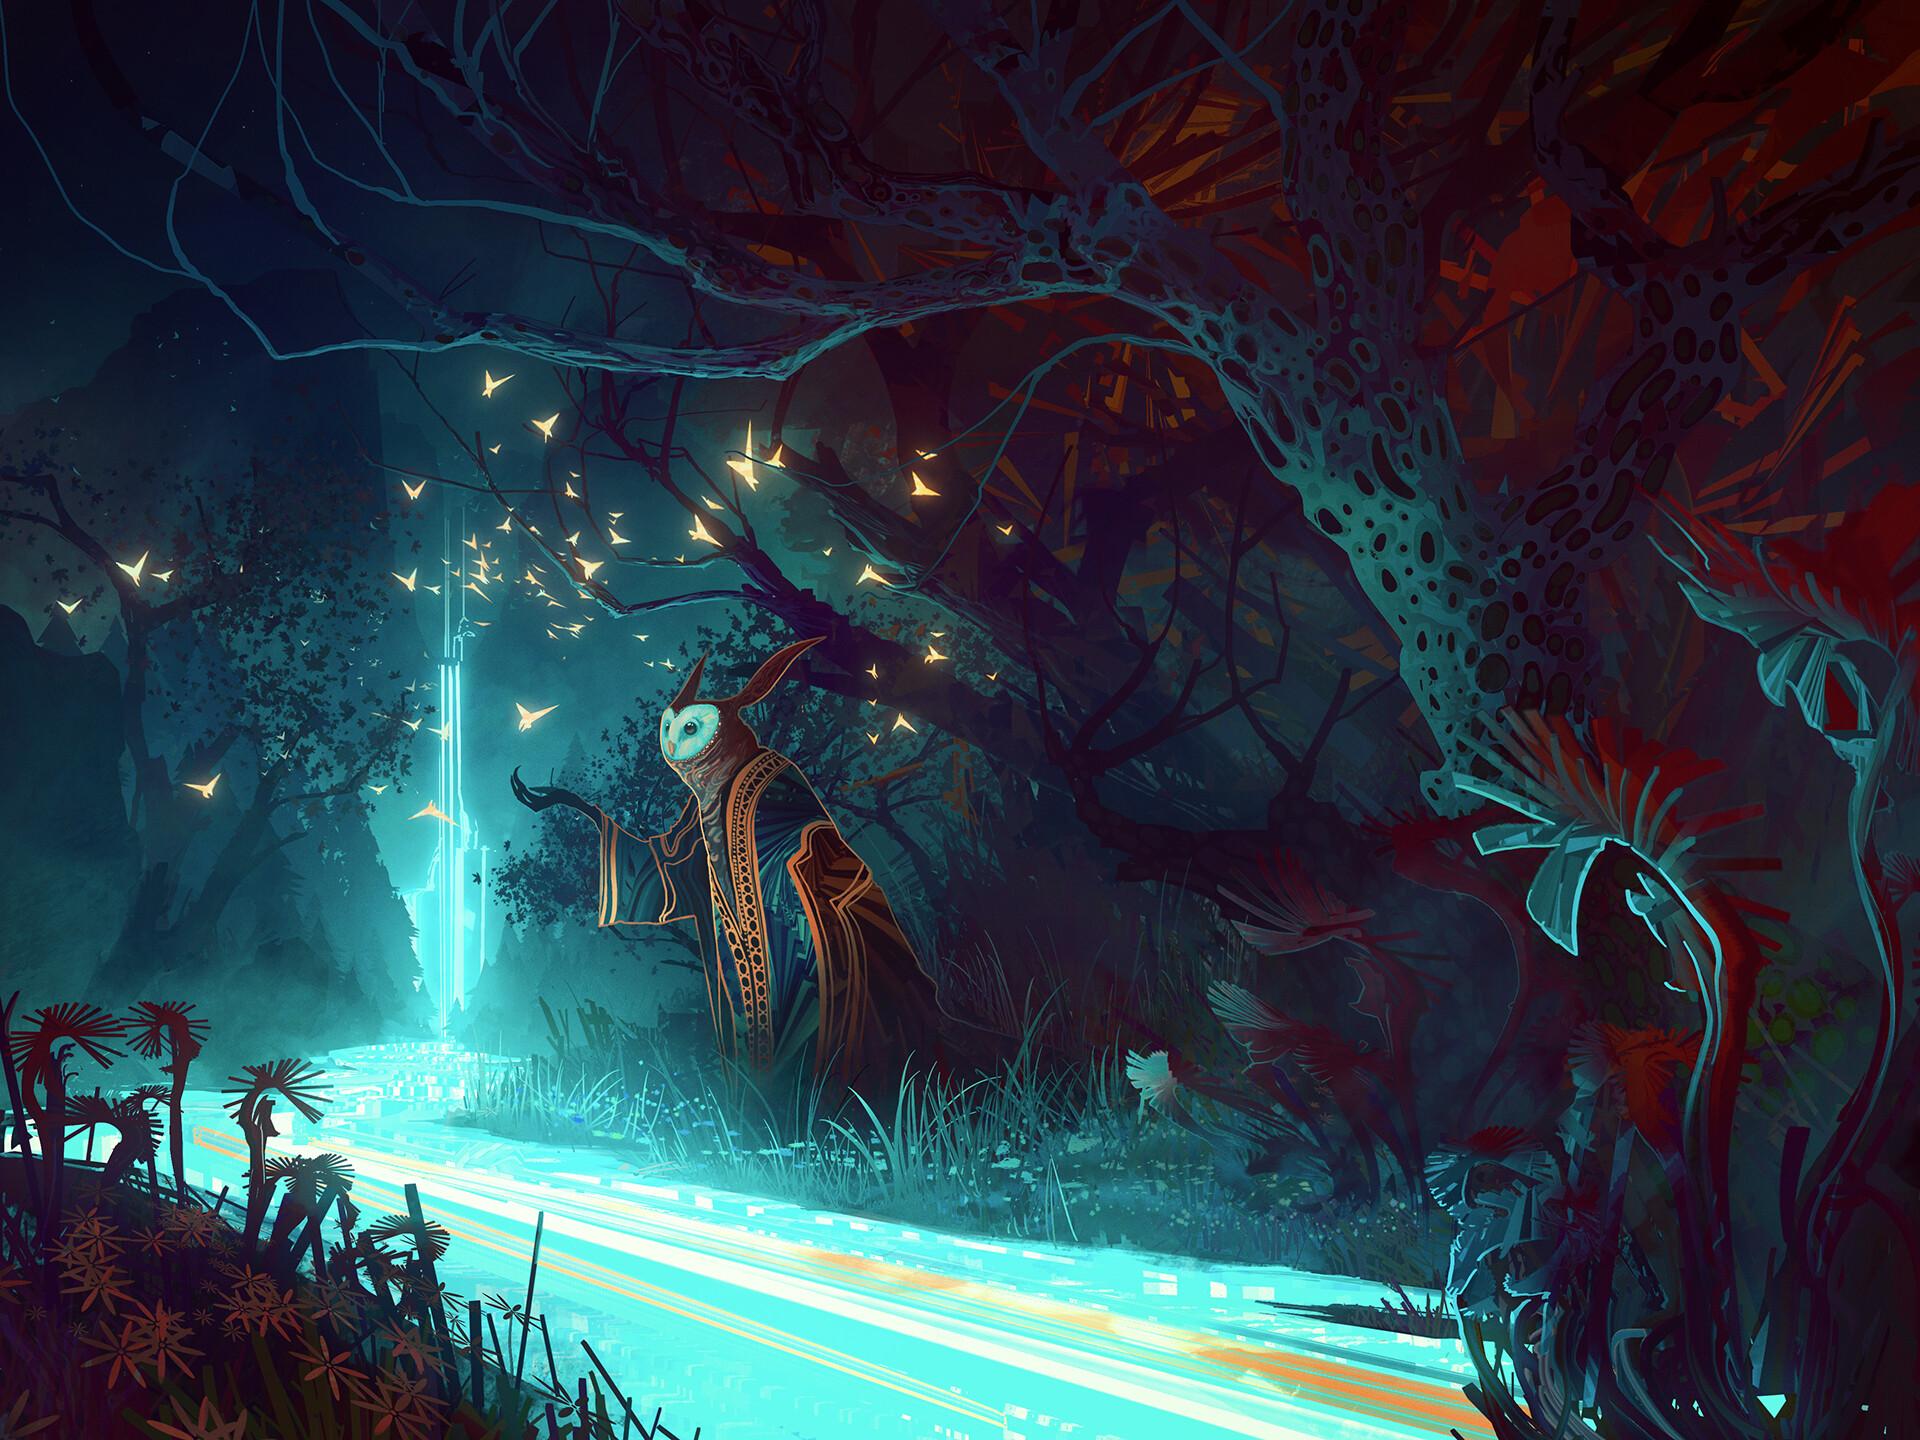 Мастер Сова сова ночь лес дорога